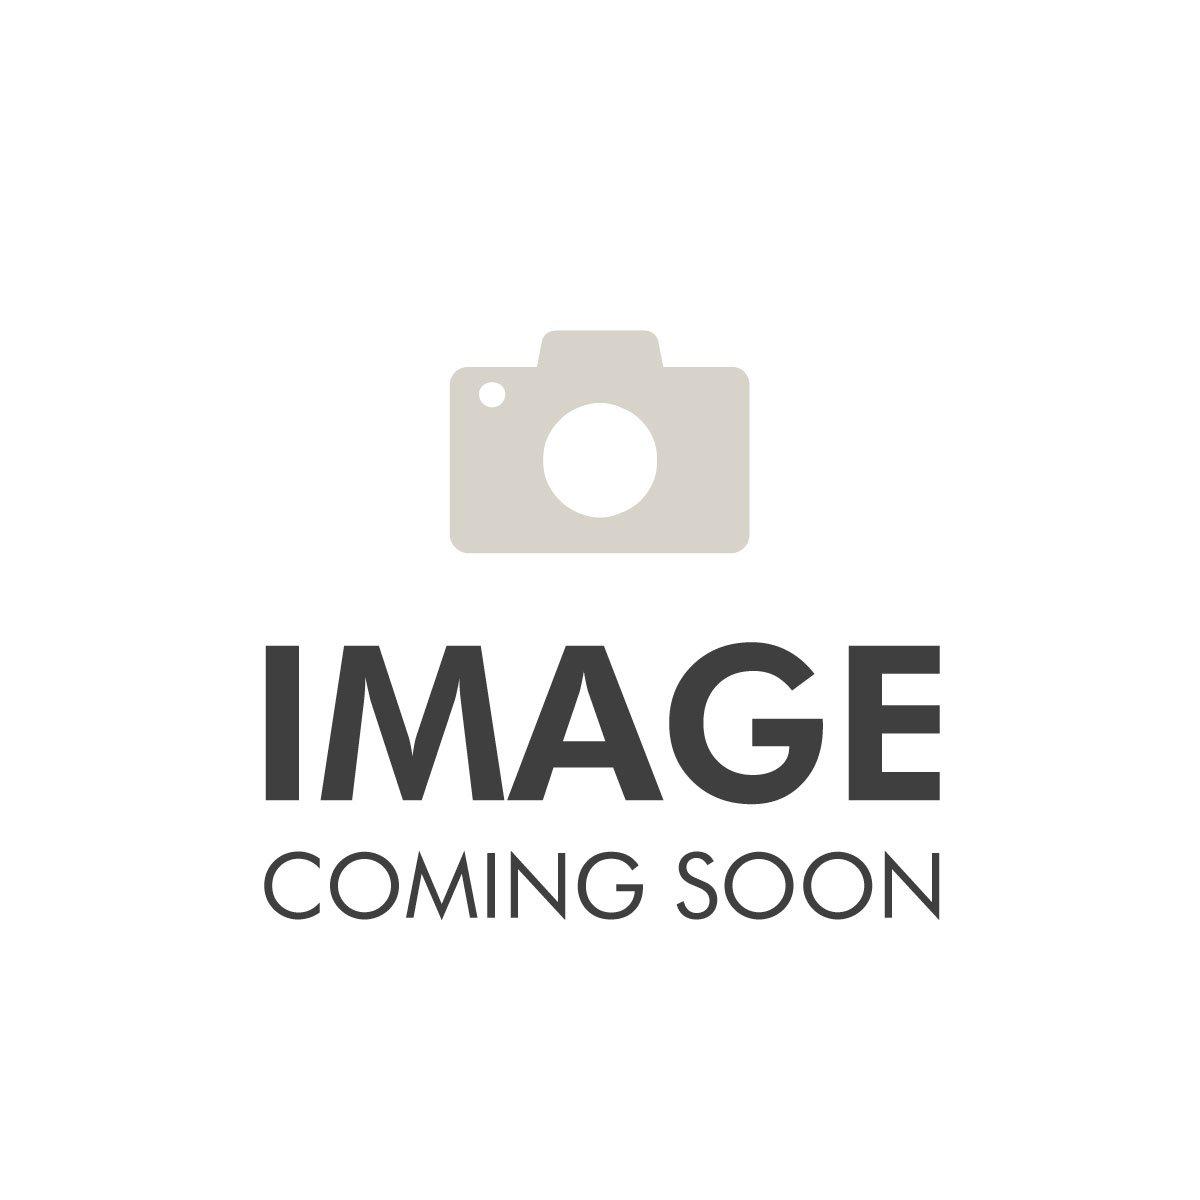 Paul Smith Rose 100ml EDP Spray